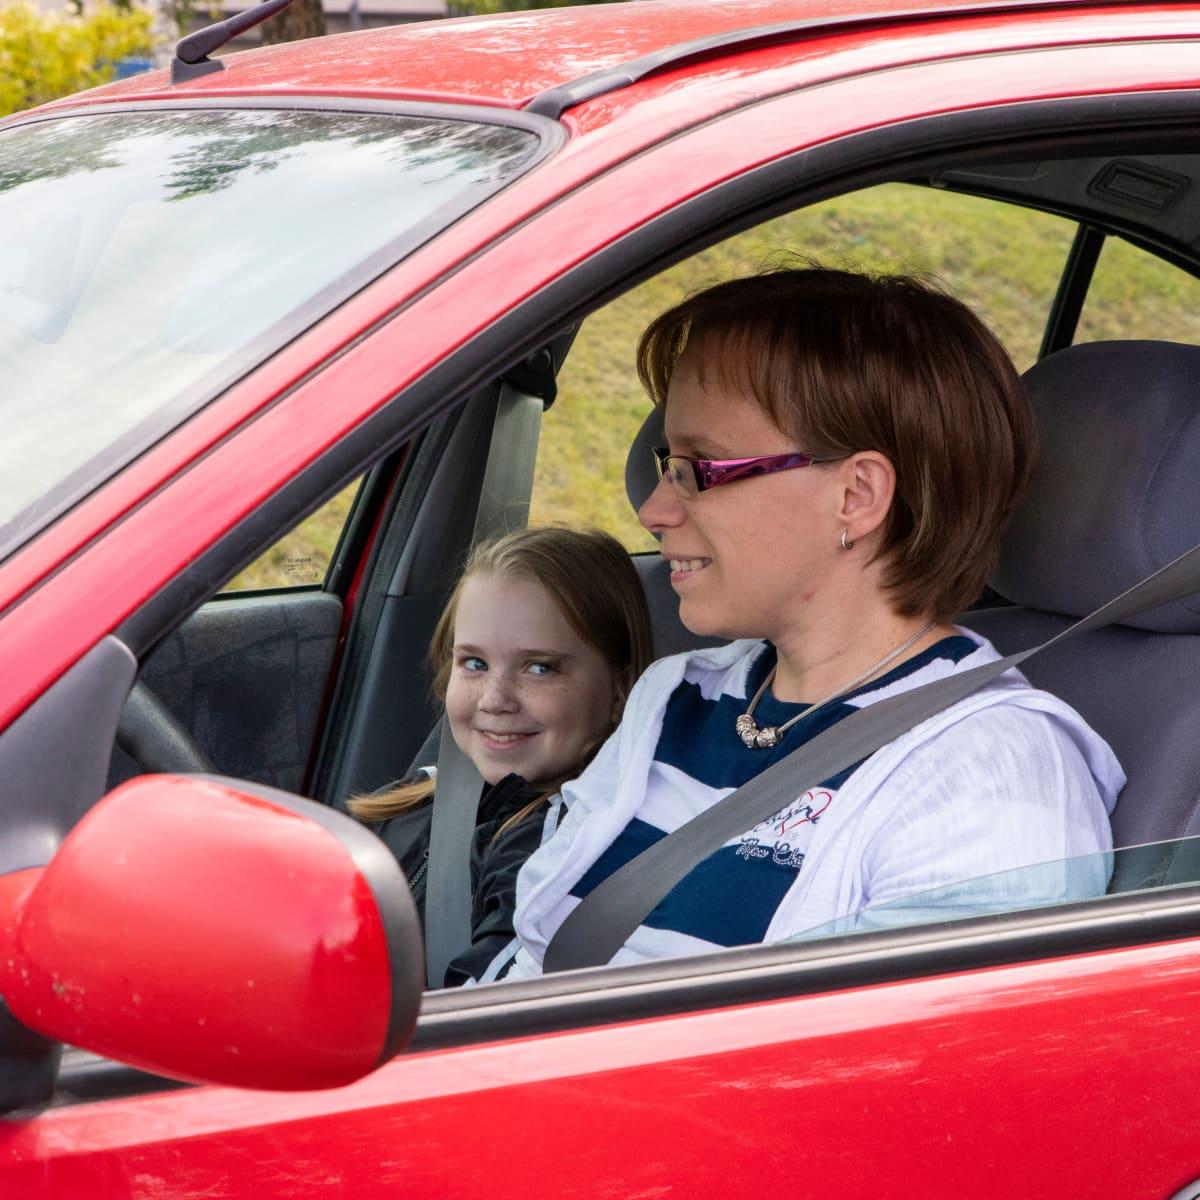 Aino Piironen lähdössä äitinsä Katjan kyydillä koulusta.